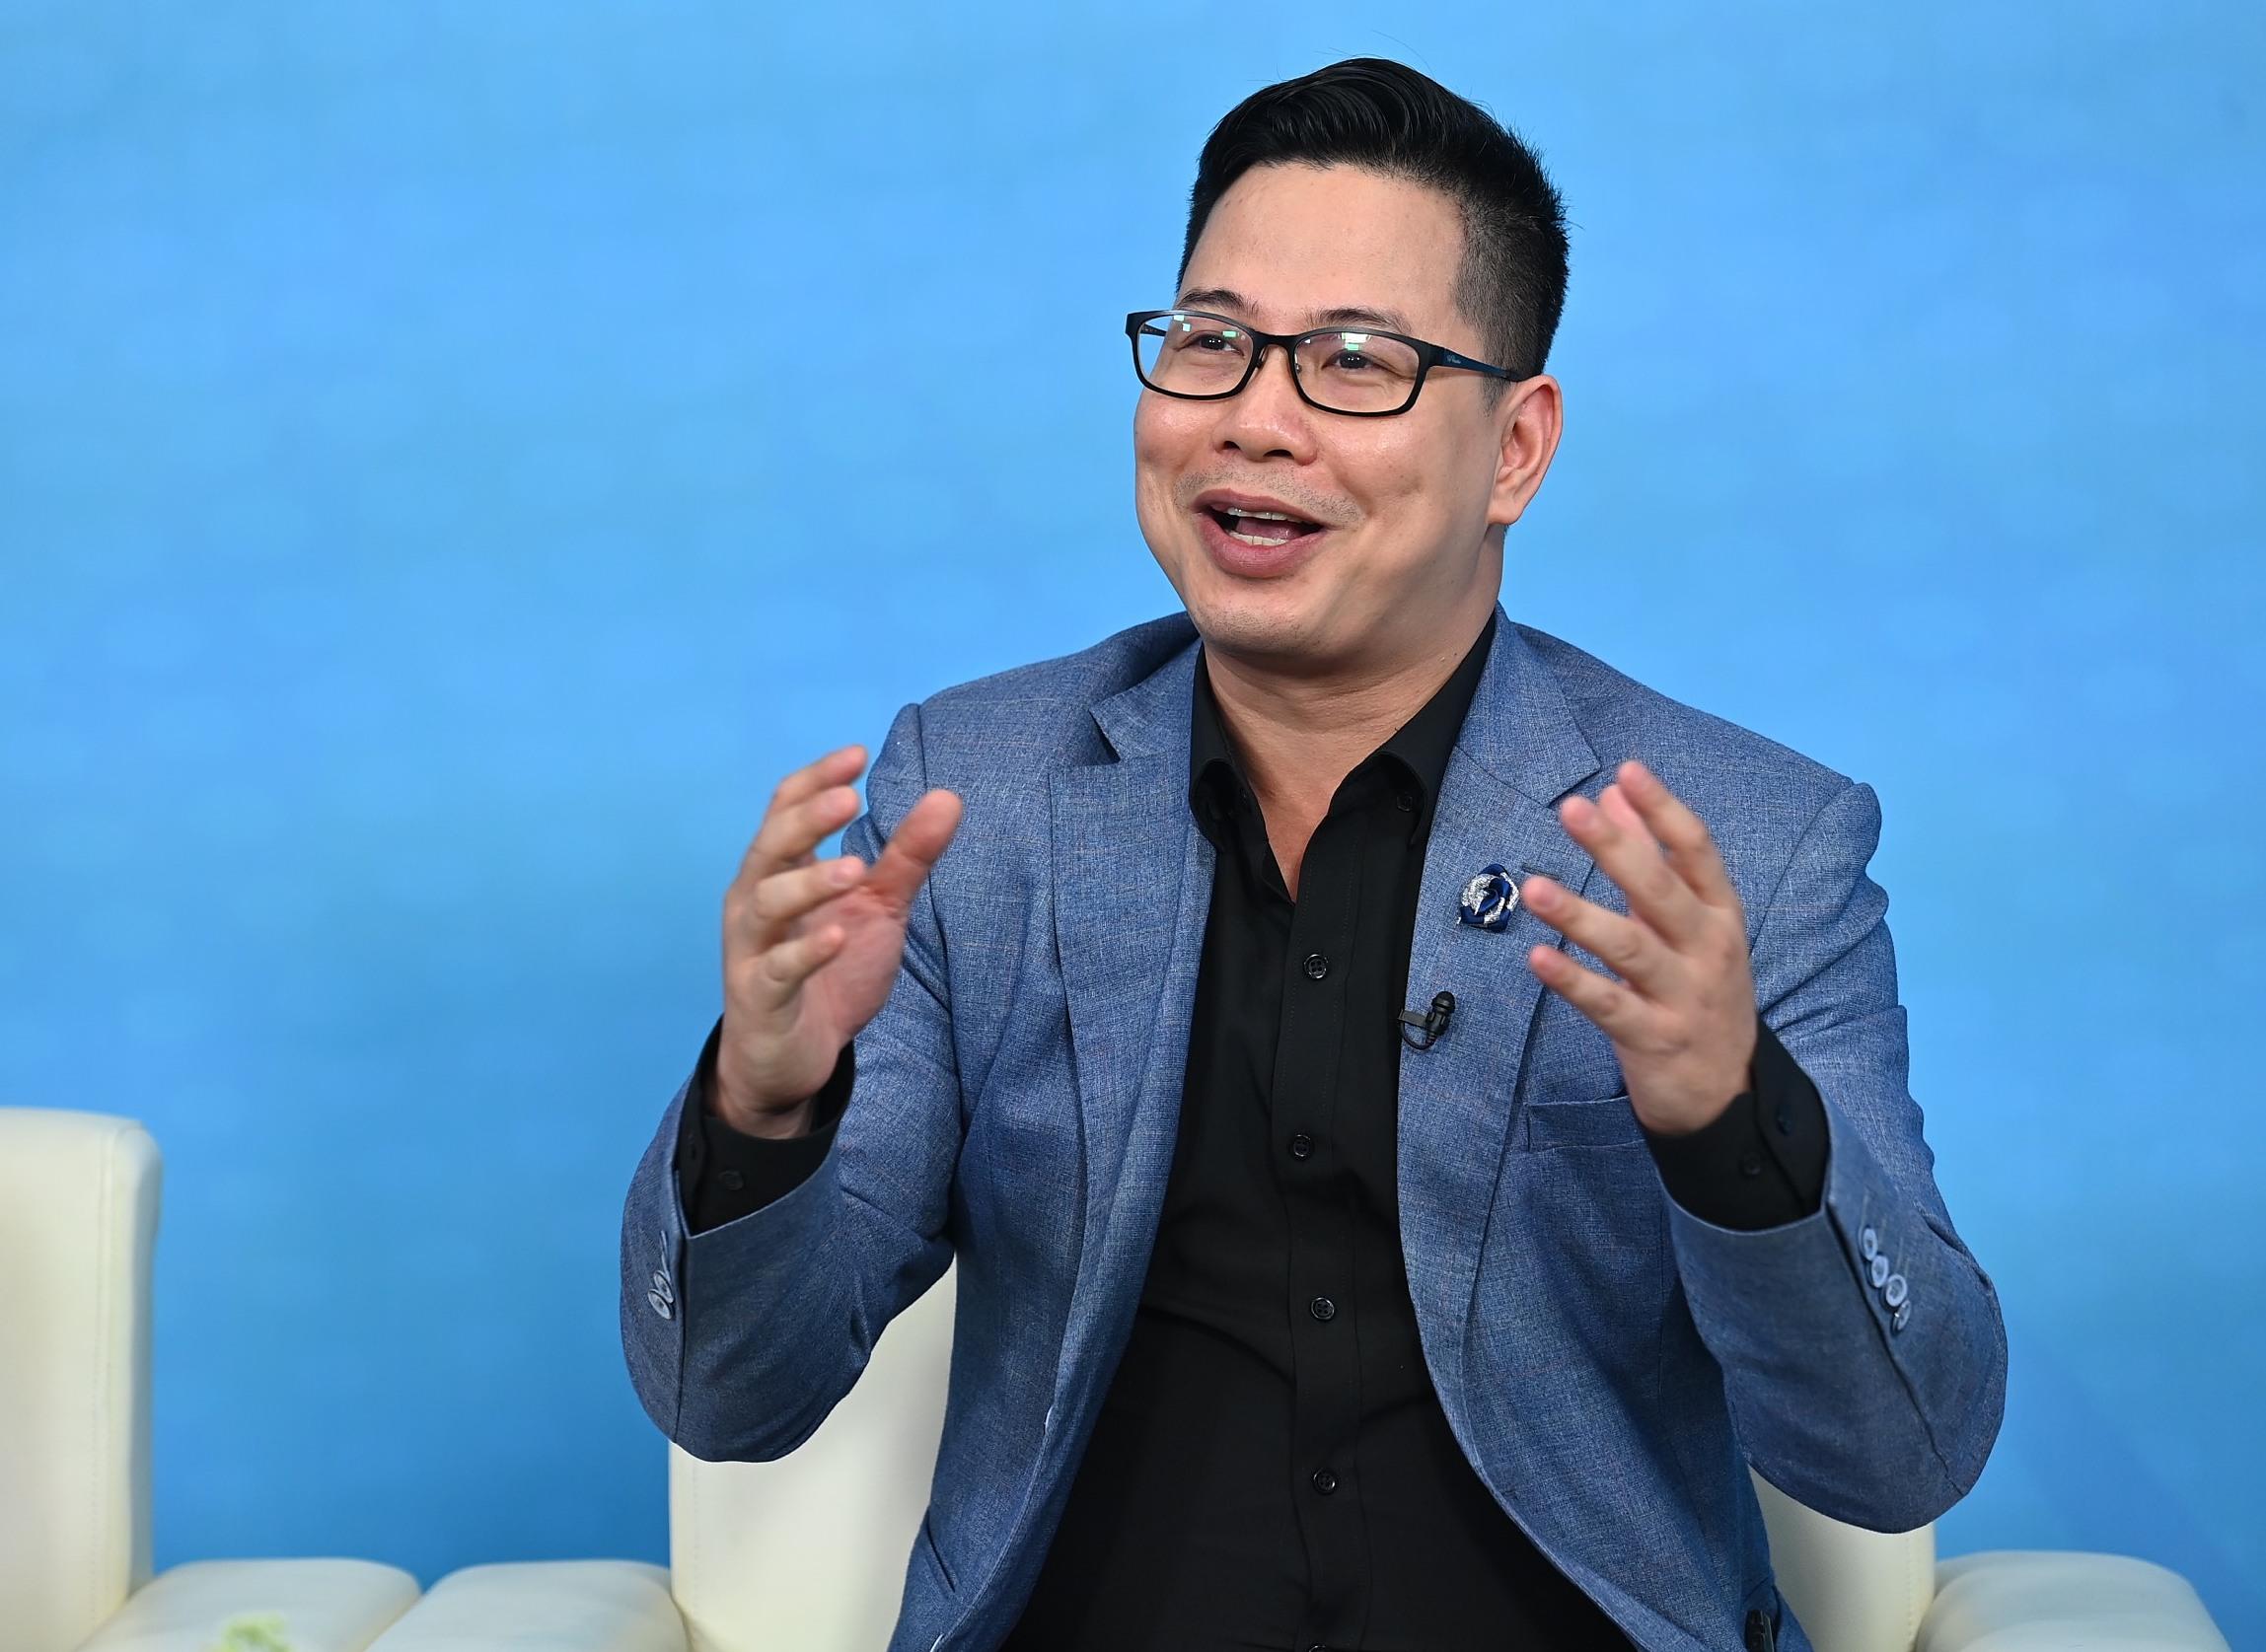 Phó giáo sư tiến sĩ Trần Thành Nam cũng khẳng định, cha mẹ nên giảm chỉ trích, tăng tôn trọng, giảm kỳ vọng, tăng kỳ công với trẻ. Ảnh: Giang Huy